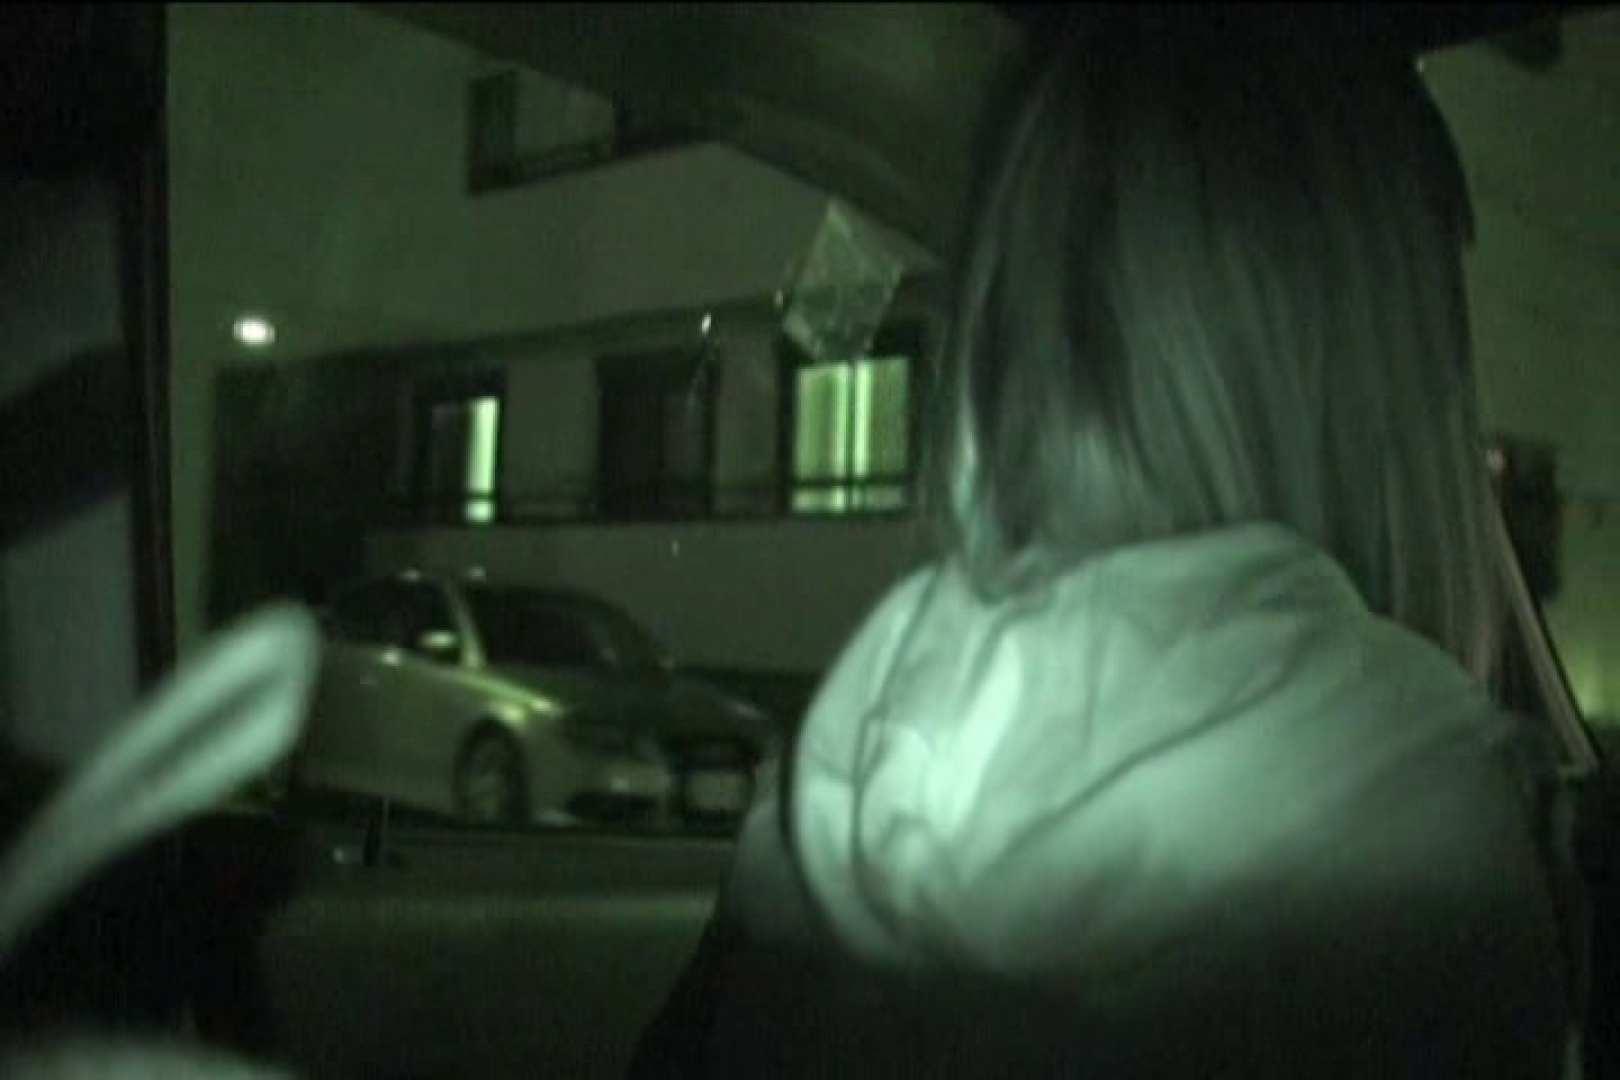 車内で初めまして! vol03 パンティ アダルト動画キャプチャ 63連発 16